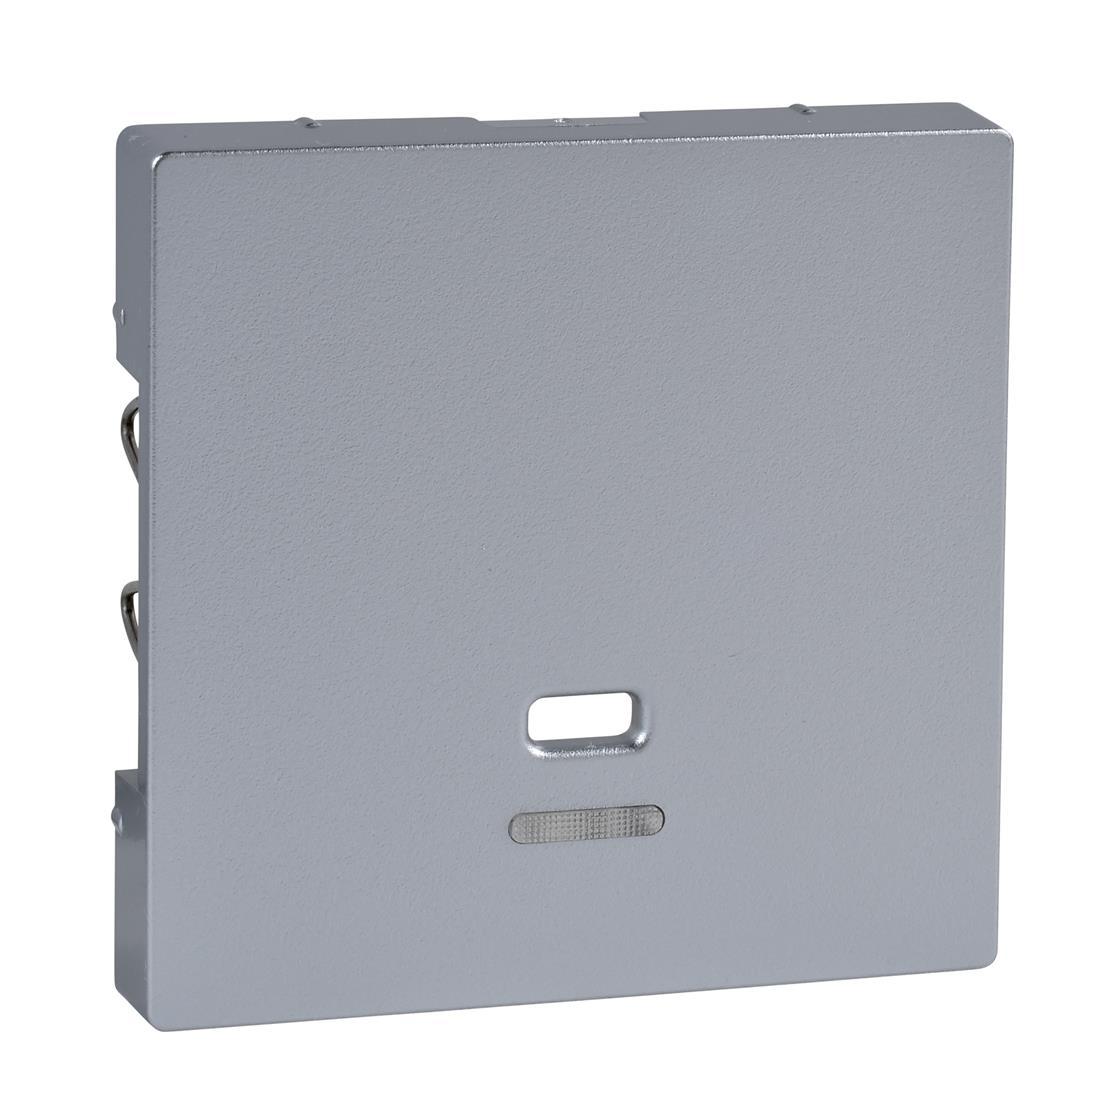 Schneider-Merten systeem M centraalplaat met controlevenster voor trekschakelaar - aluminium (MTN3380-0460)